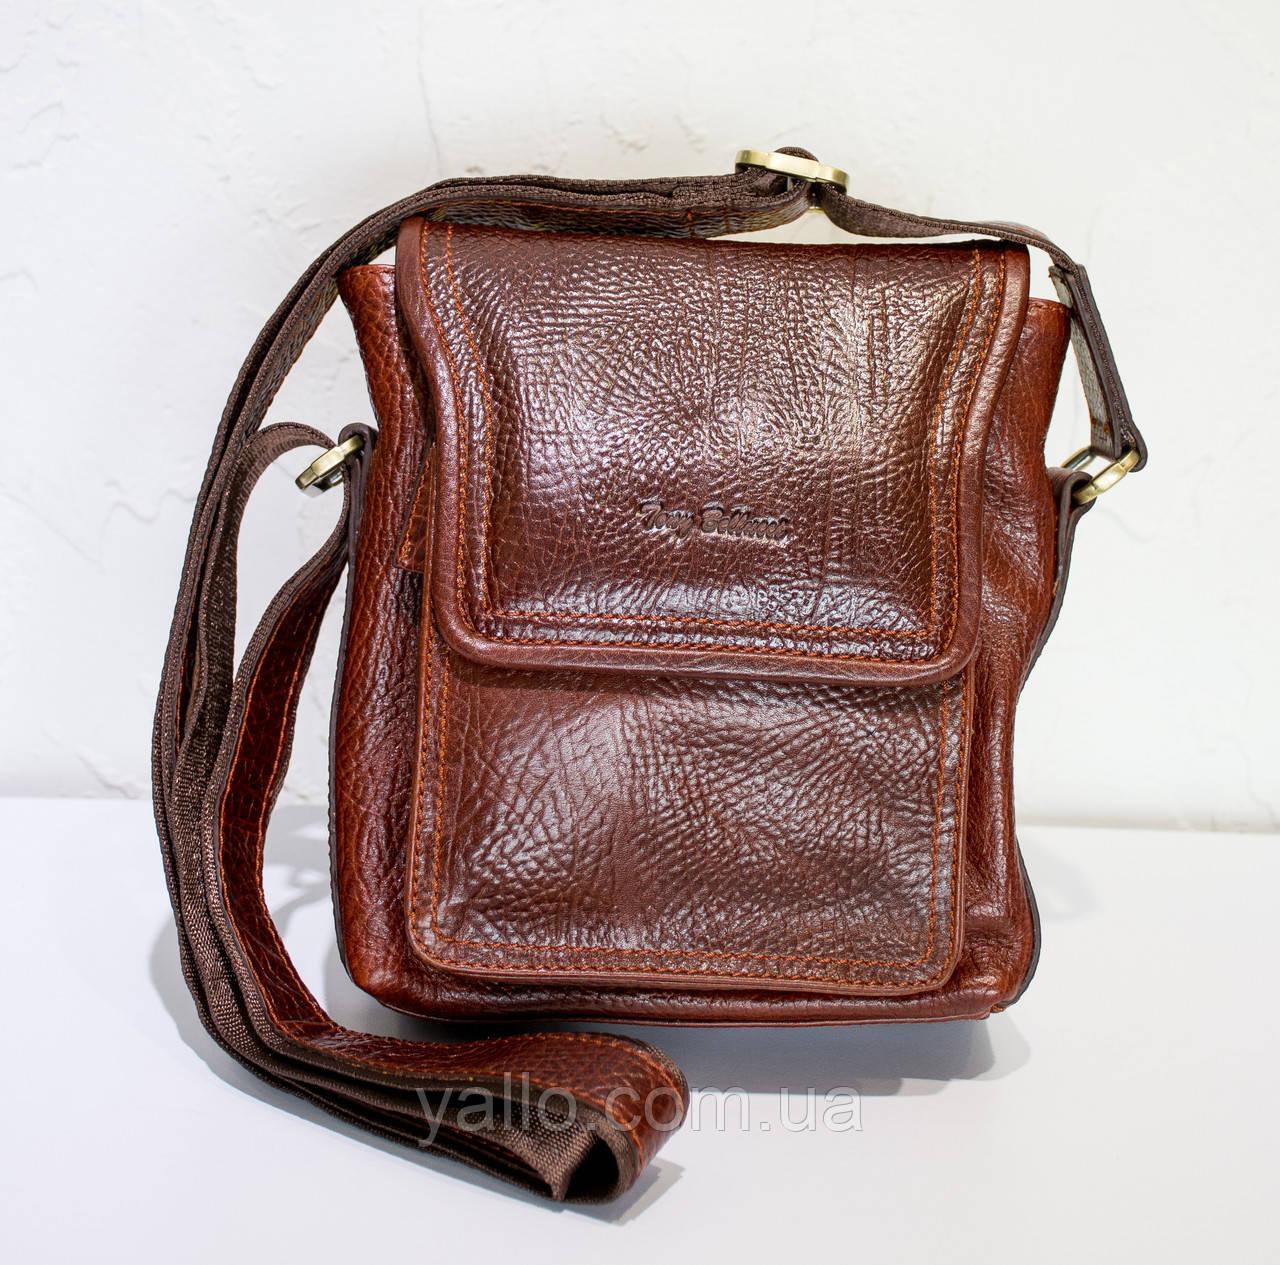 Мужская сумка из натуральной кожи Tony Bellucci T5173-896